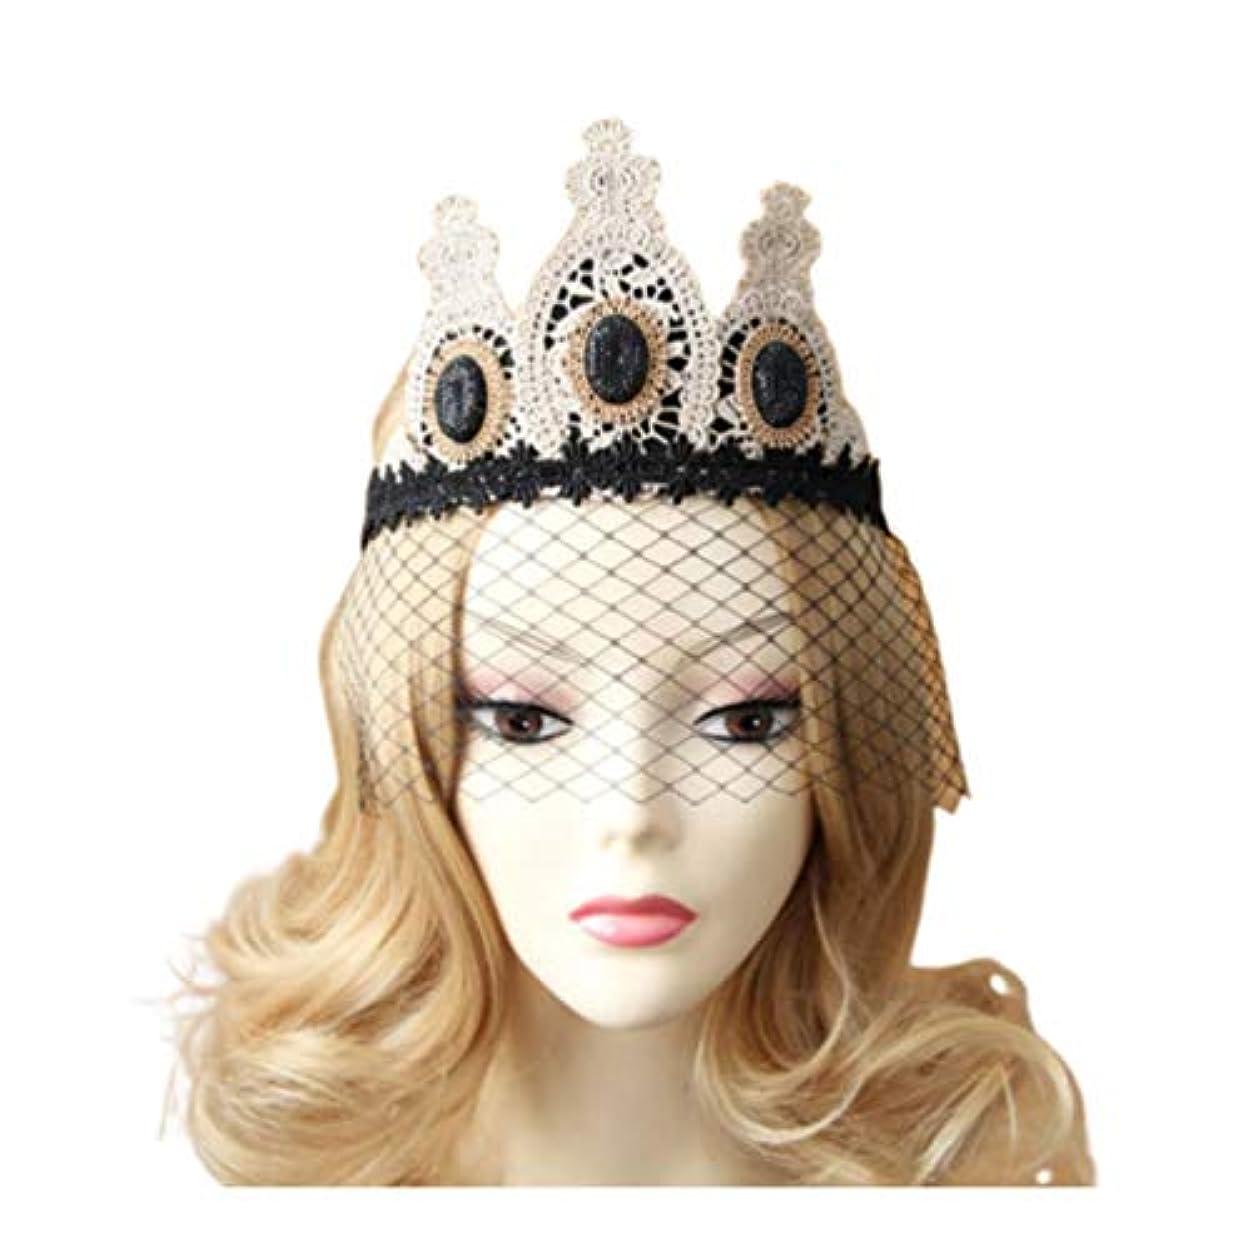 ご予約トレッド用語集Lurrose レースクラウンヴィンテージゴシックメッシュベールヘッドバンドレースベール帽子ハロウィンヘア装飾用女性女性